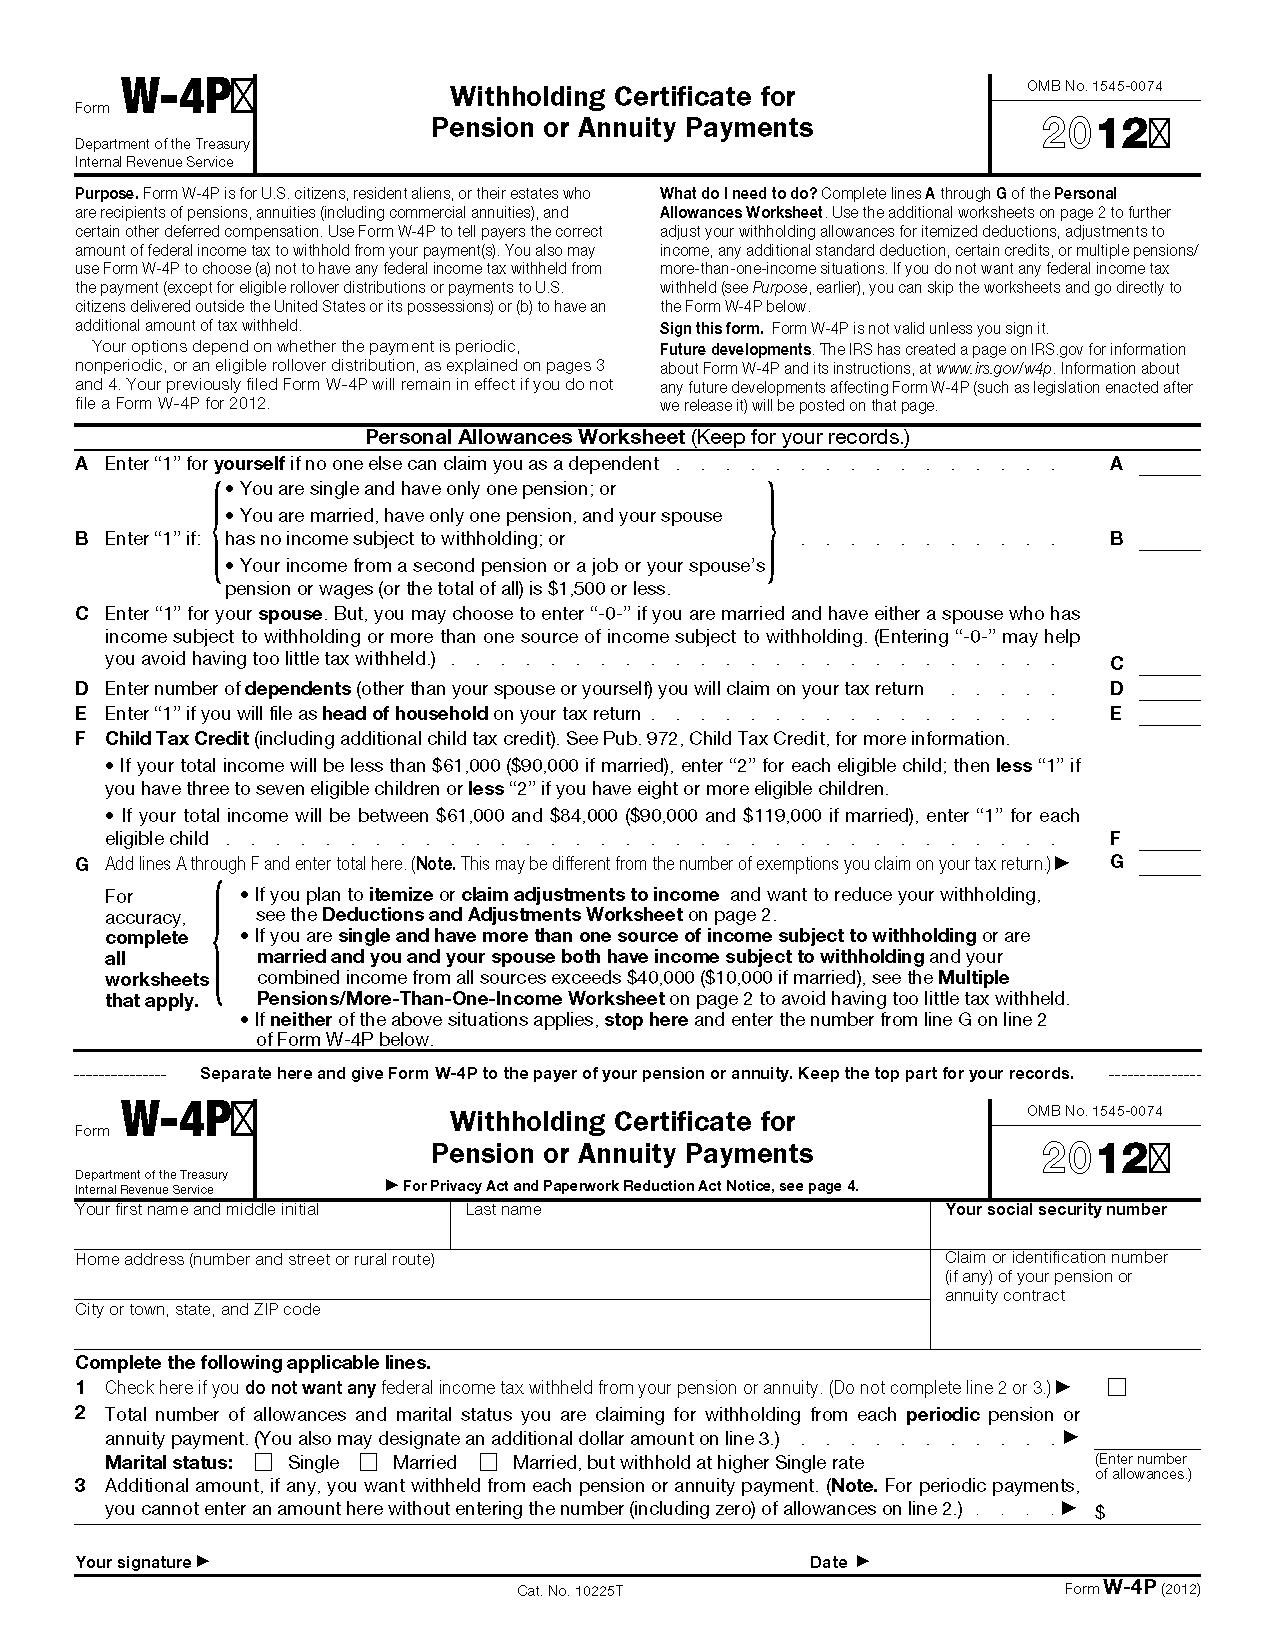 Wisconsin W-4 Form